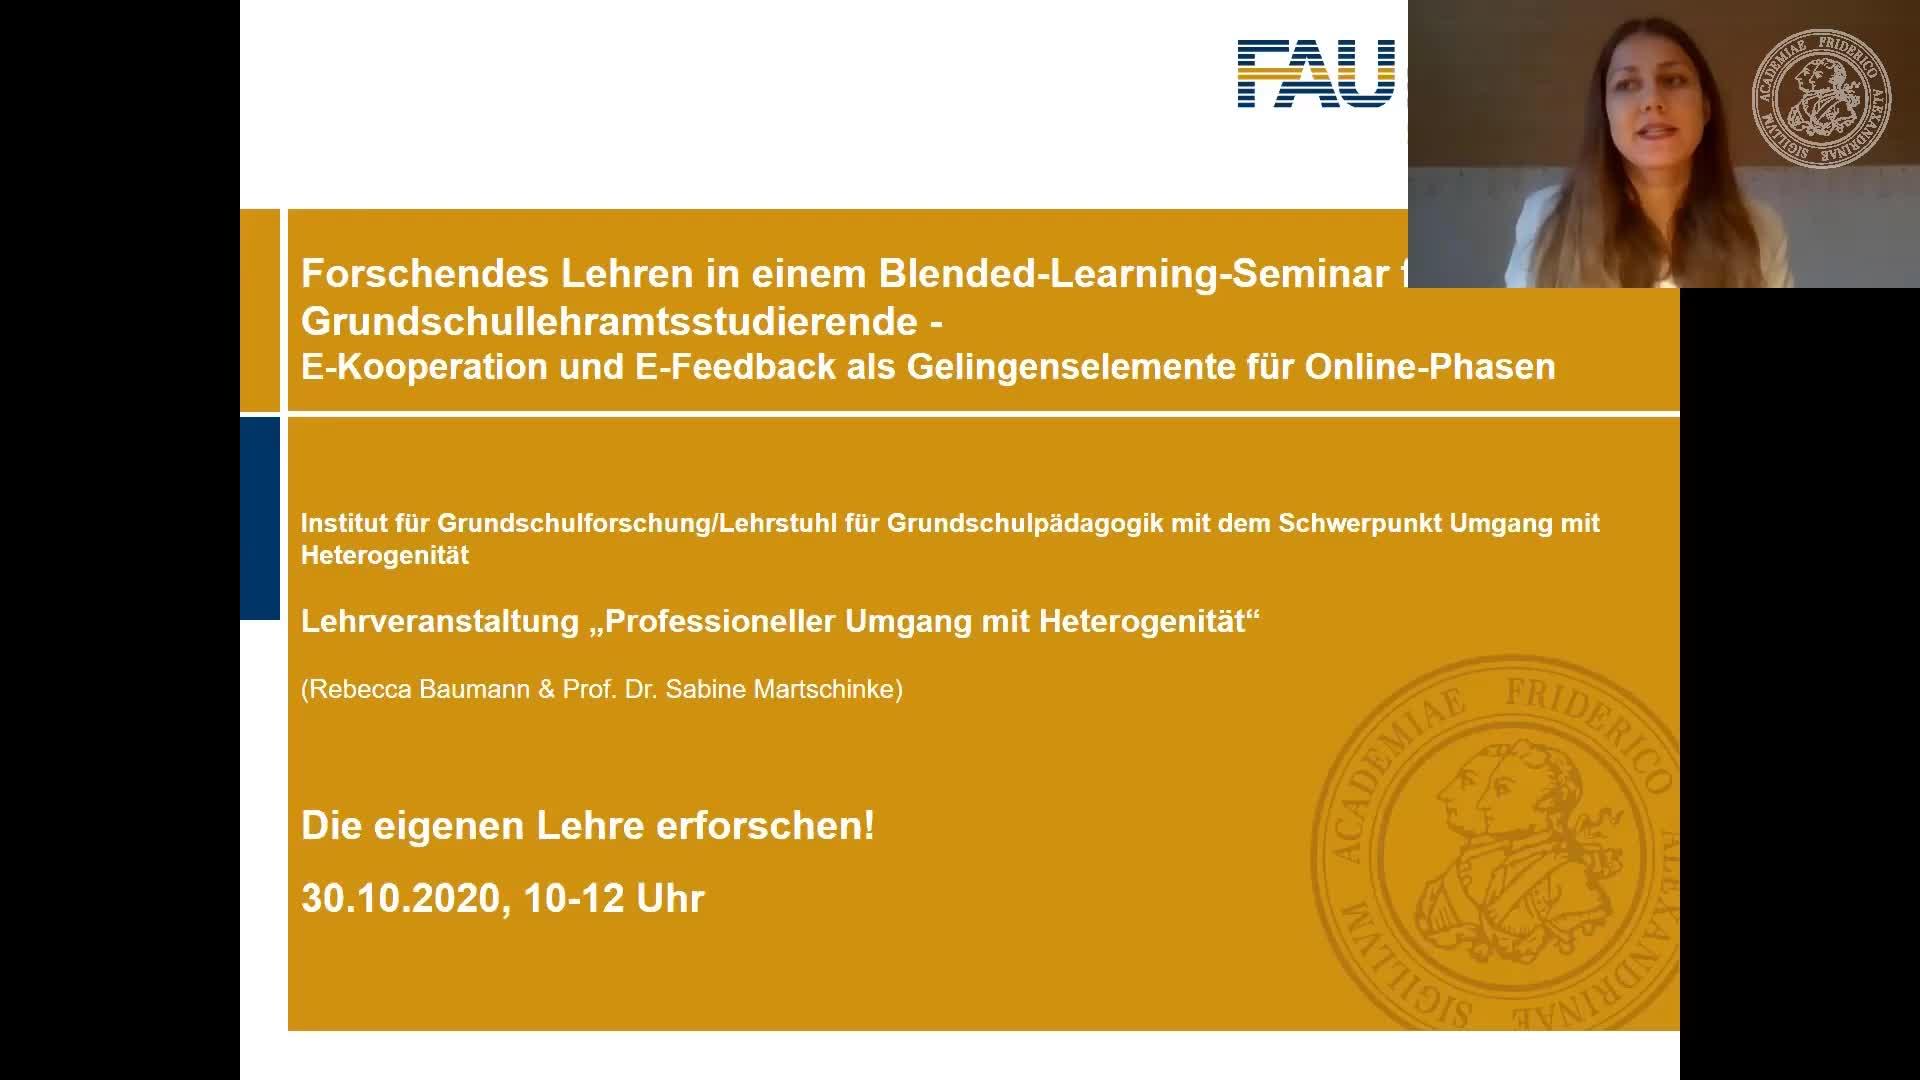 Rebecca Baumann & Prof. Dr. Sabine Martschinke: Forschendes Lehren in einem Blended-Learning-Seminar für Grundschullehramtsstudierende preview image